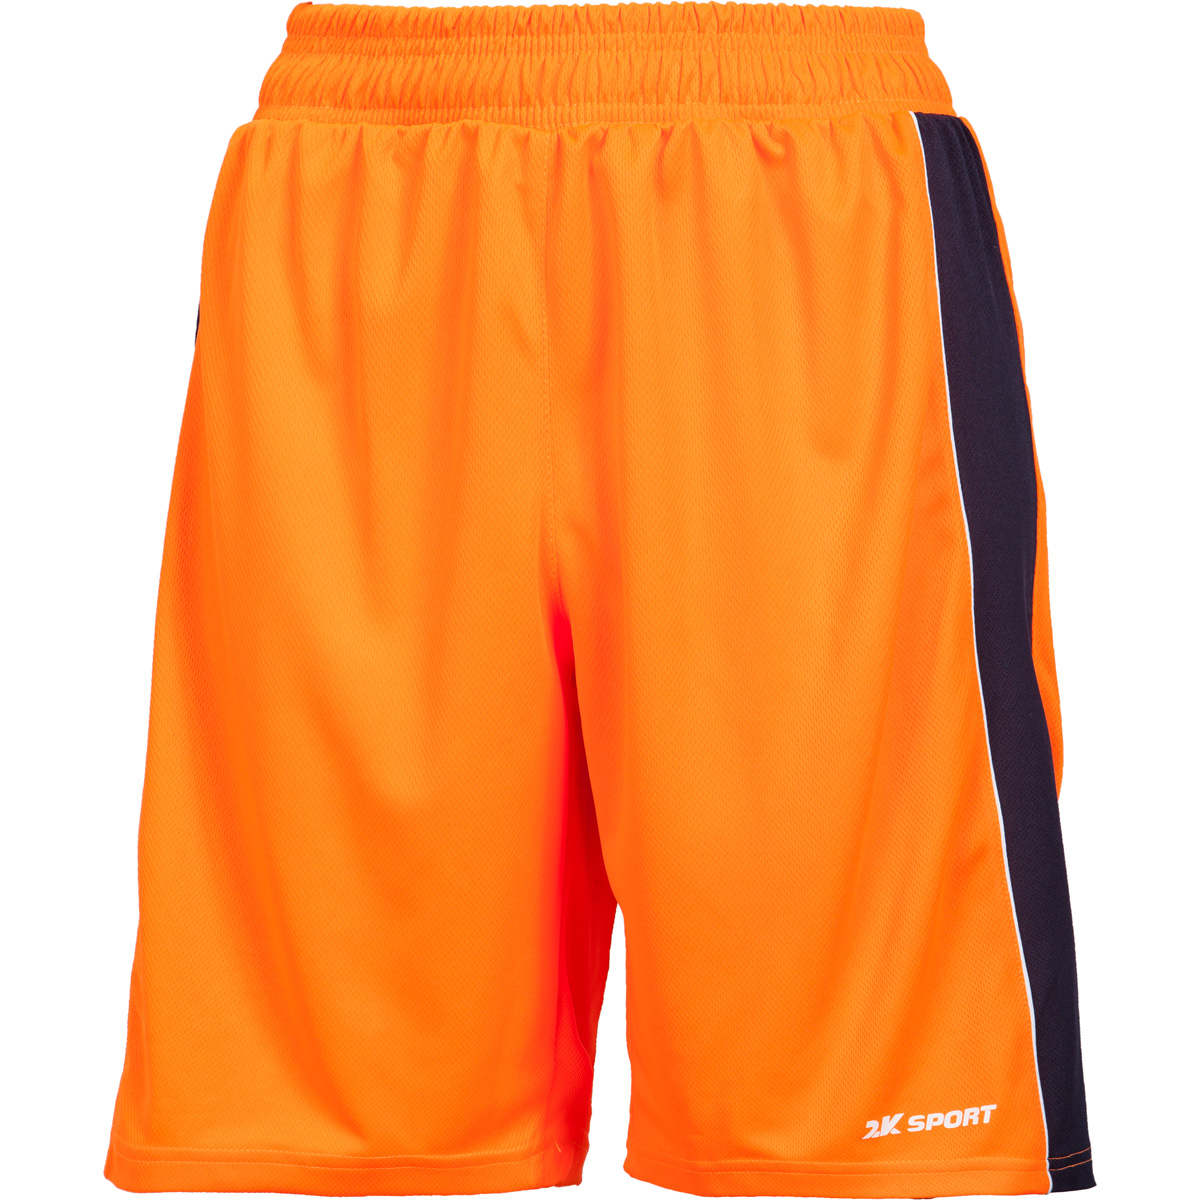 Шорты баскетбольные женские 2K Sport Advance, цвет: оранжевый, темно-синий, белый. 130033. Размер XS (40/42) - Баскетбол